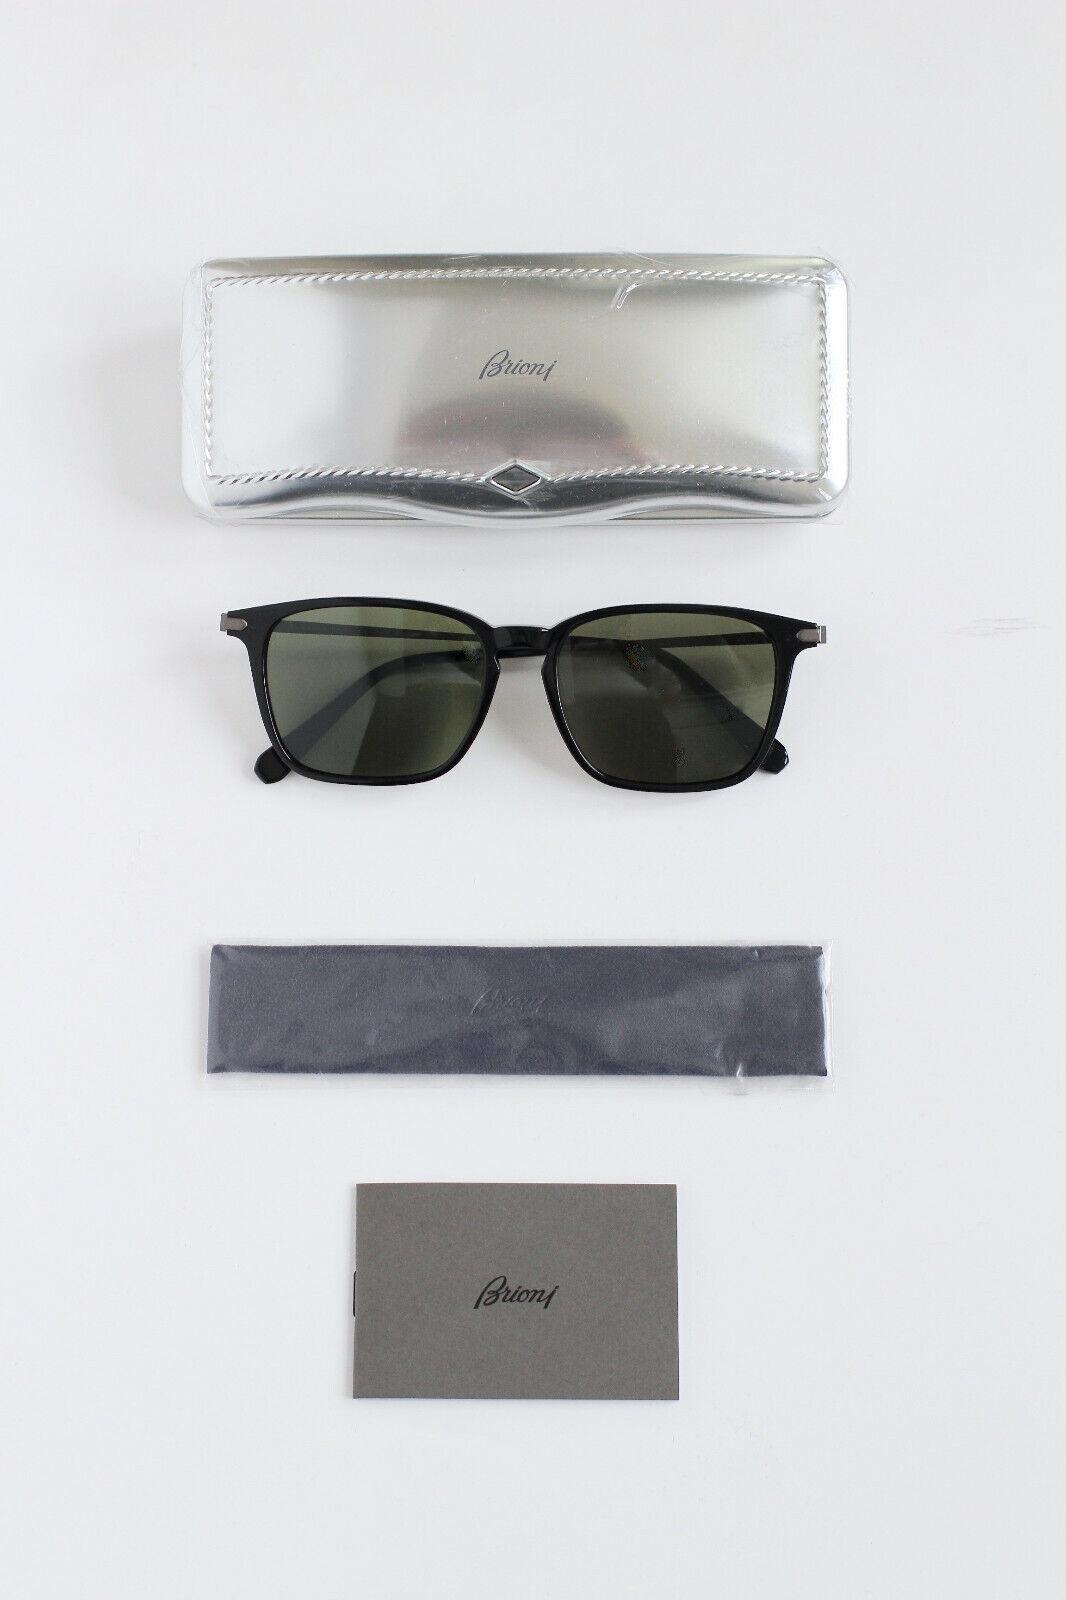 ! nuevo! Brioni Negro Marco de Titanio Lentes Verdes BR0002S 001 Gafas de Sol Anteojos